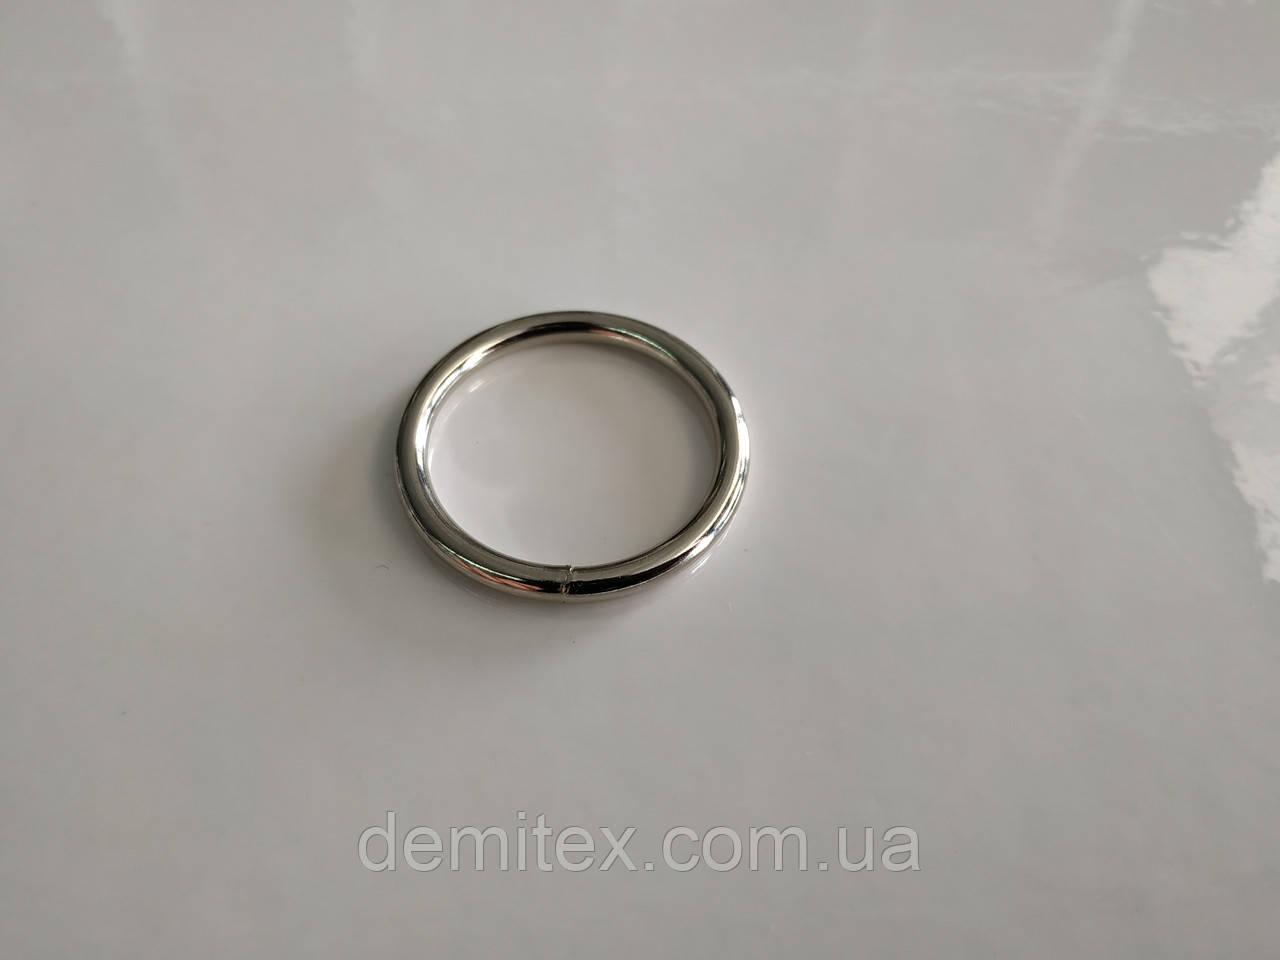 Кольцо сварное никель 25х3 мм